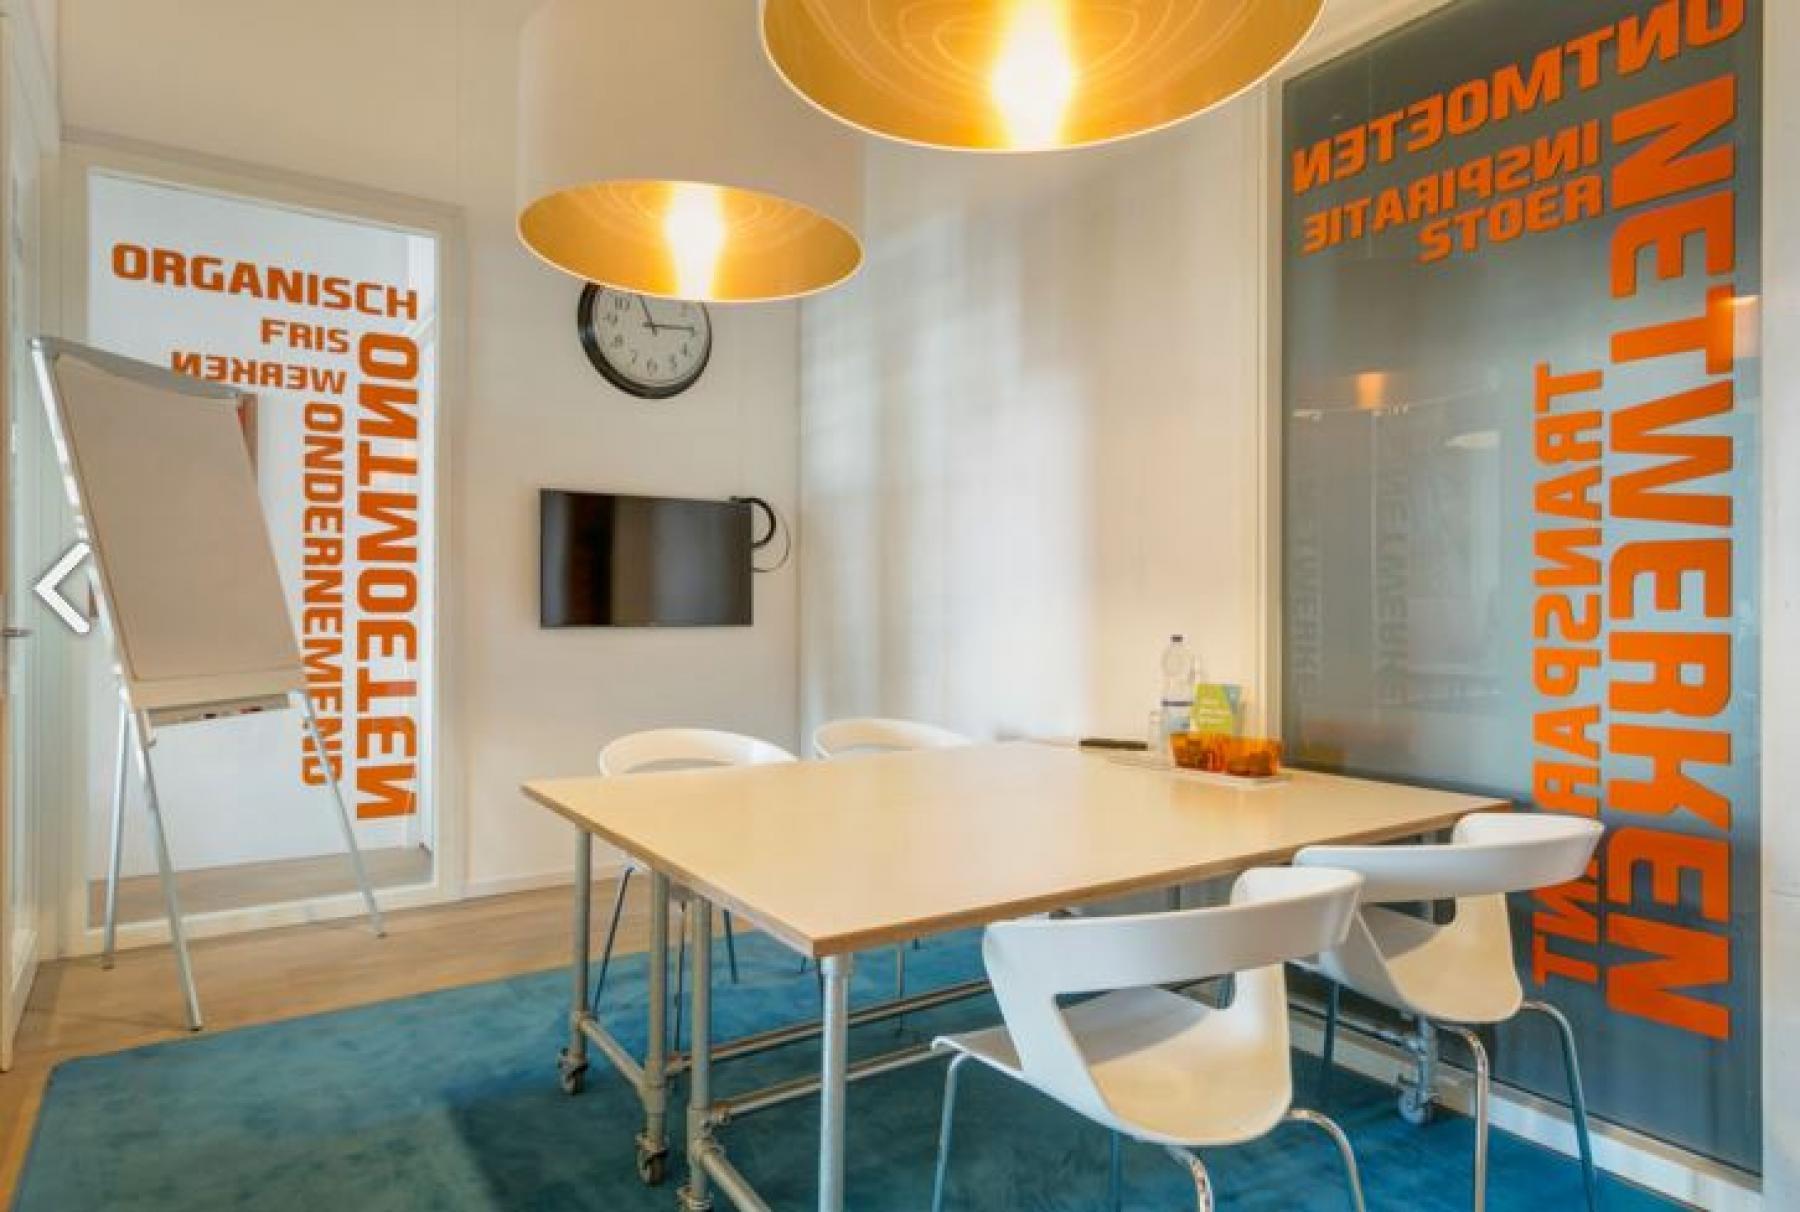 presentatieruimte coachruimte vergaderruimte presentatiemogelijkheden led-scherm flipover tafel stoelen flexibel te huren in zeist